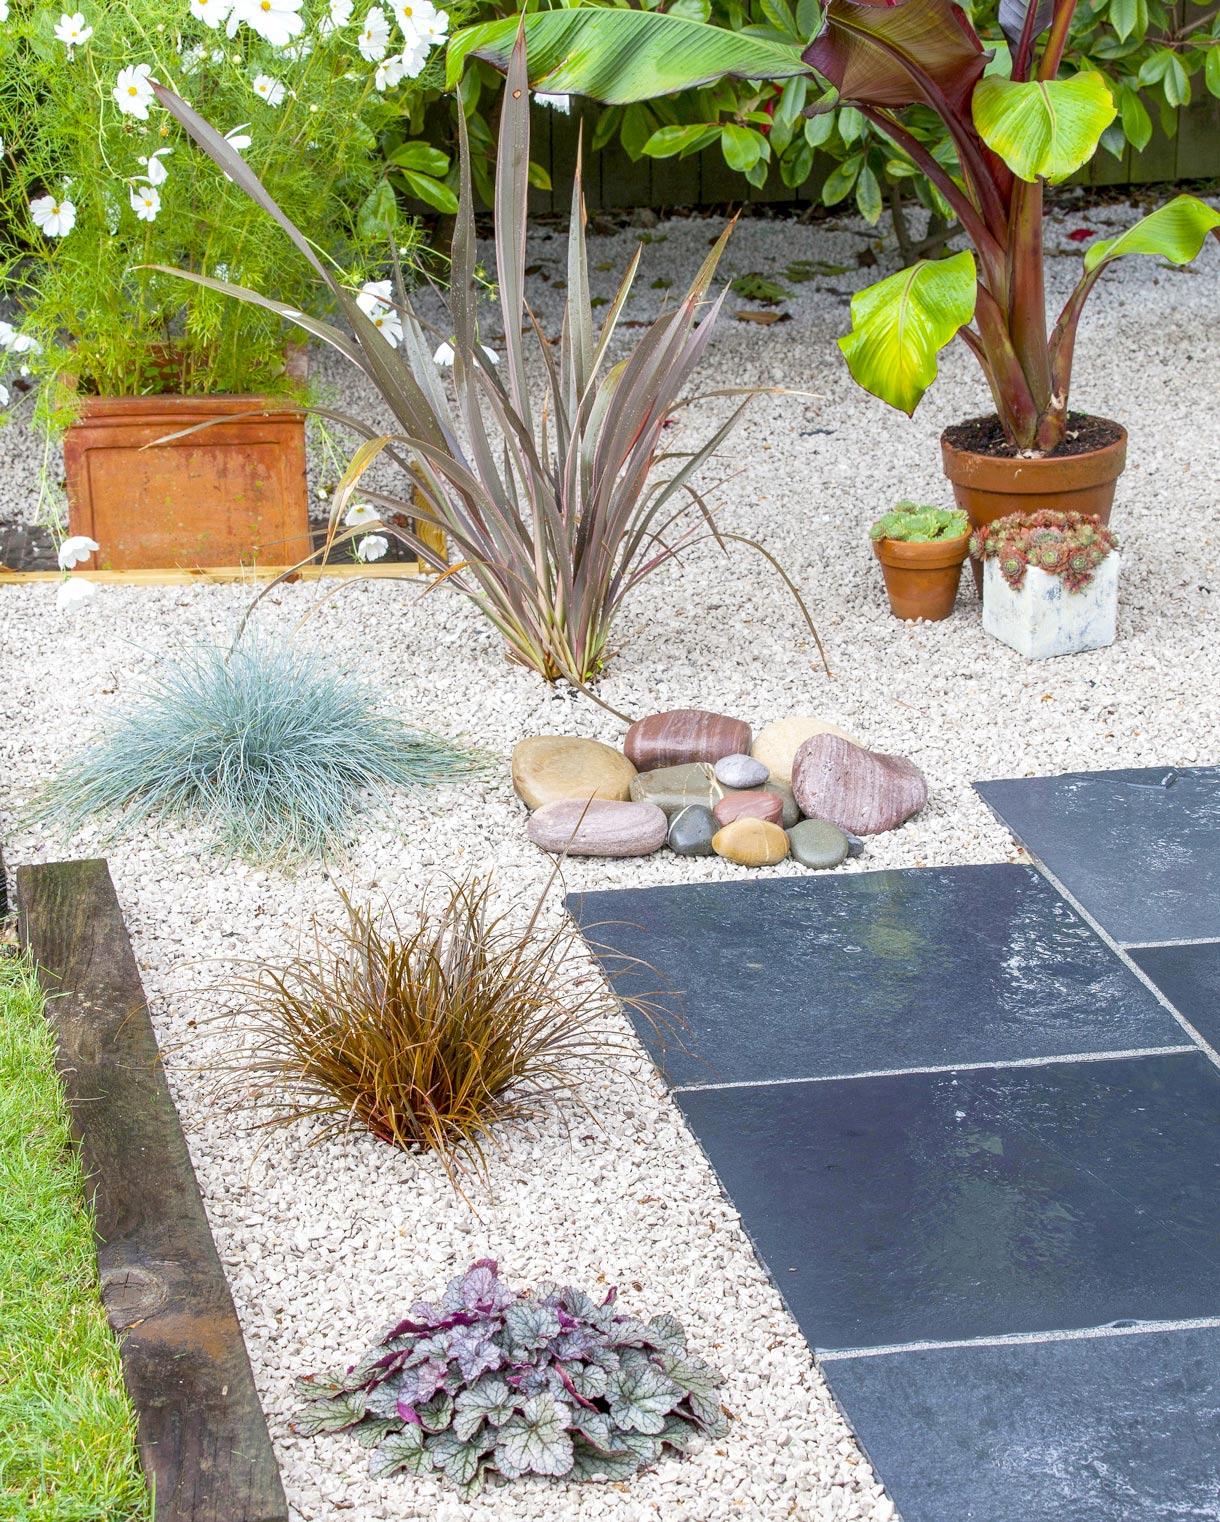 Jardin Sur Gravier : Réussir L'aménagement D'un Jardin De ... concernant Gros Cailloux Pour Jardin